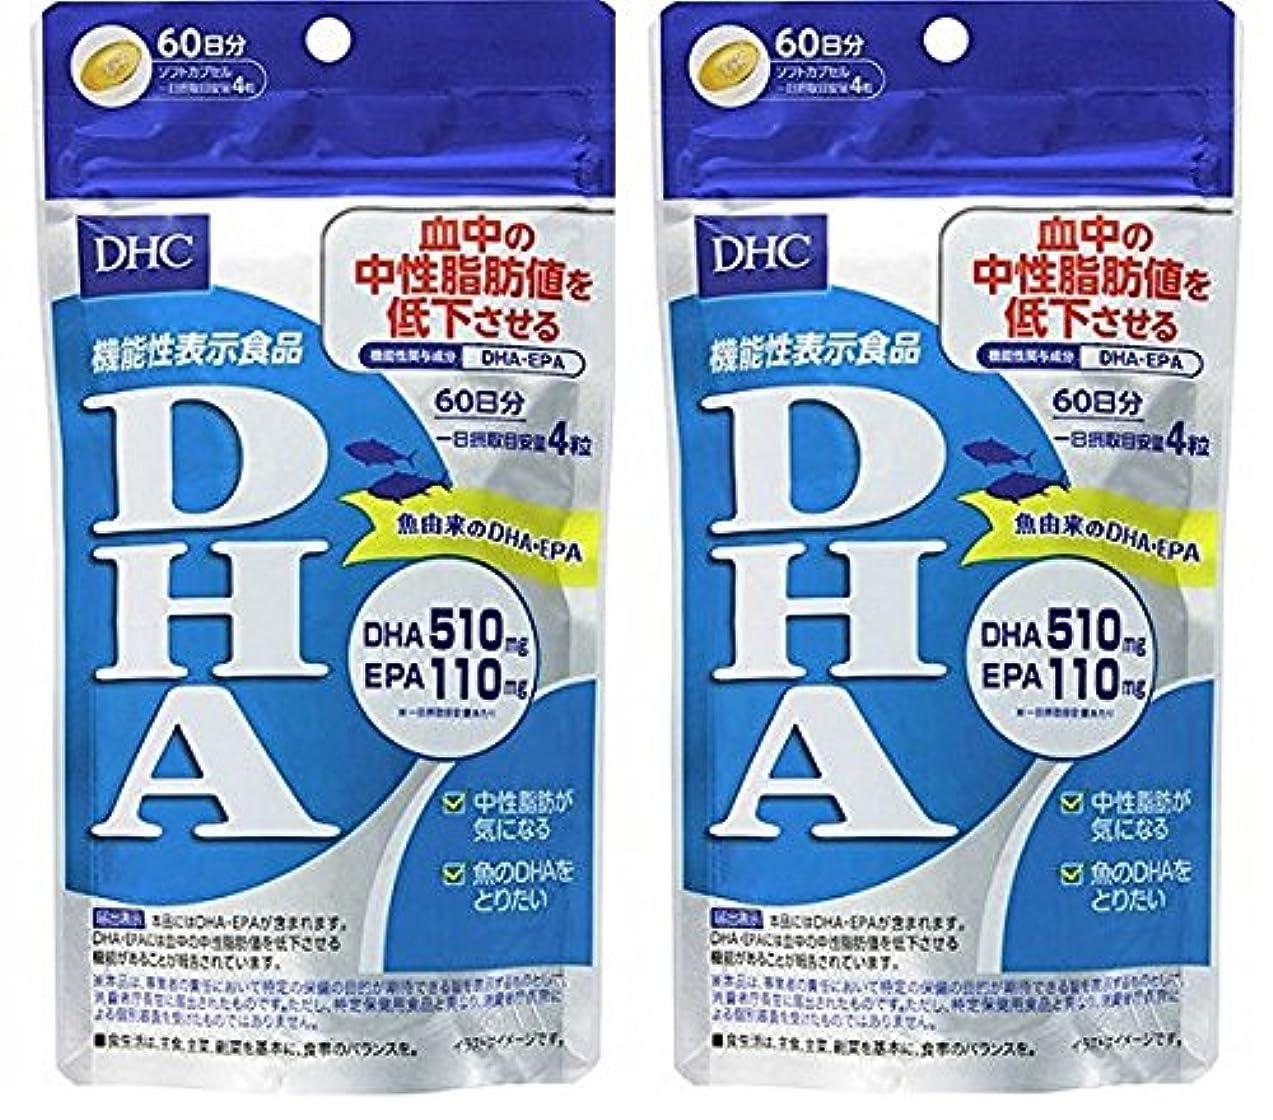 部屋を掃除する保護リハーサル【2個セット品】DHC DHA 60日分 240粒 【機能性表示食品】